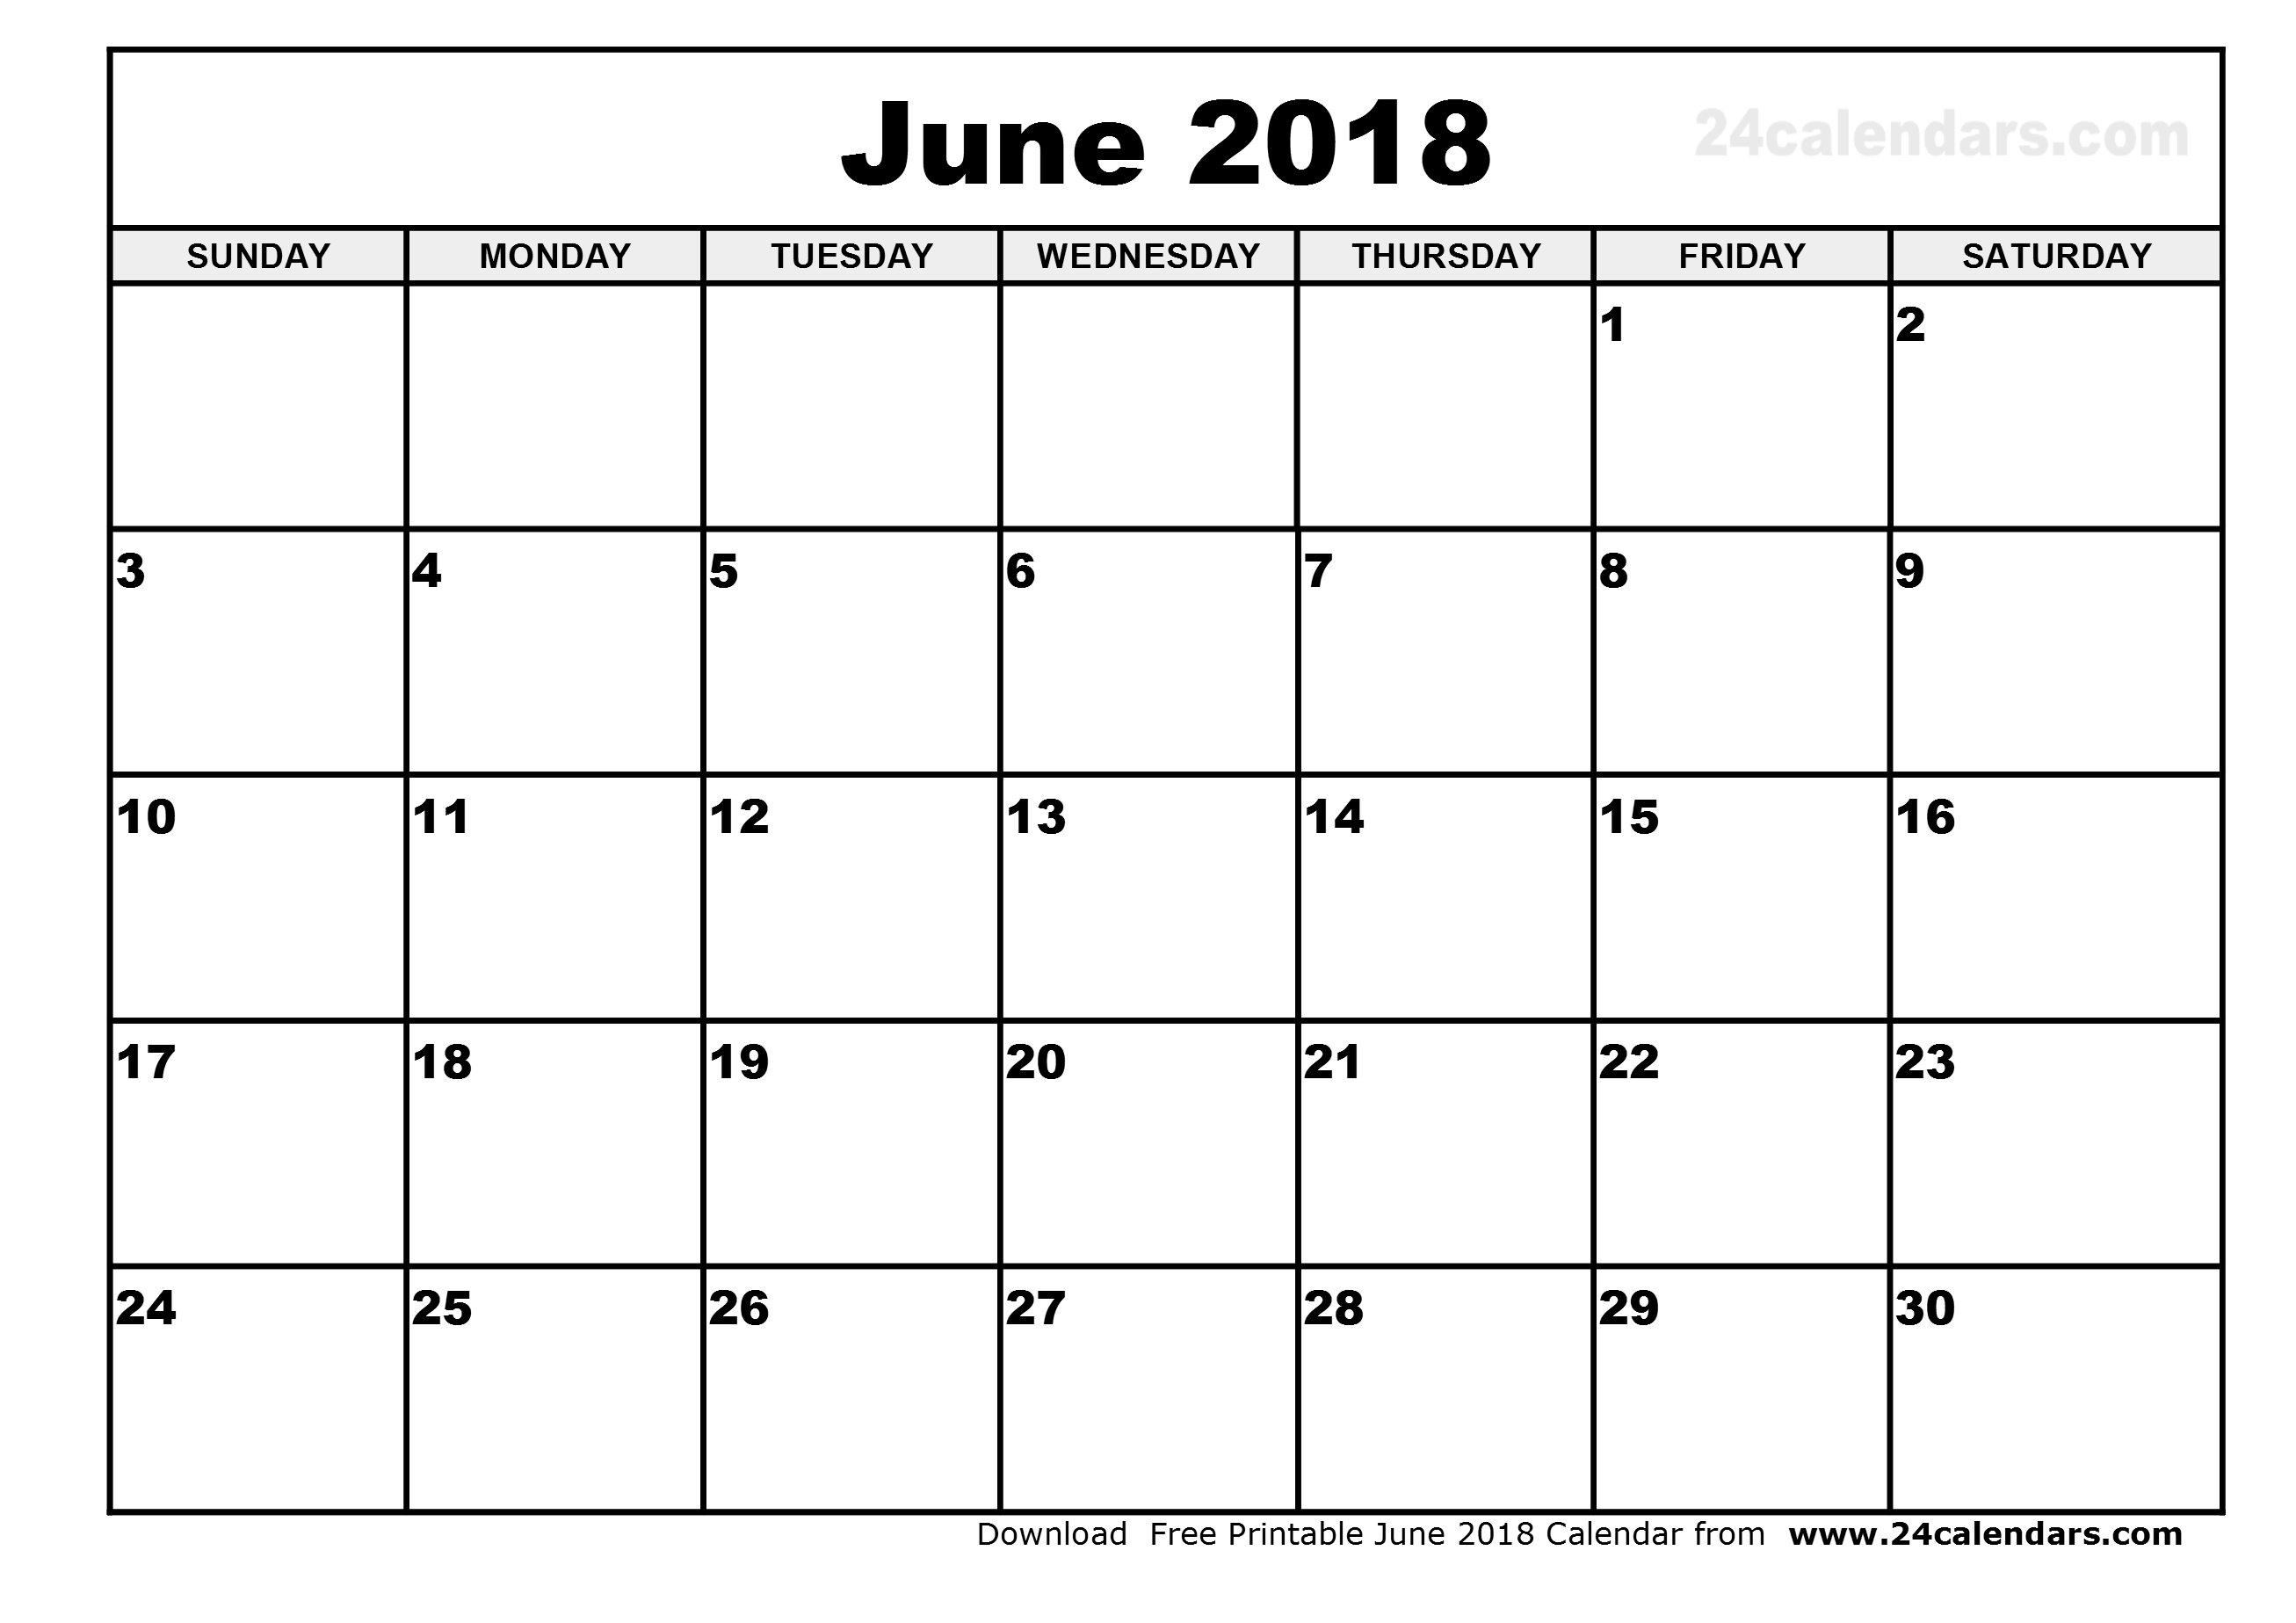 blank june 2018 calendar free download elsevier social sciences. Black Bedroom Furniture Sets. Home Design Ideas